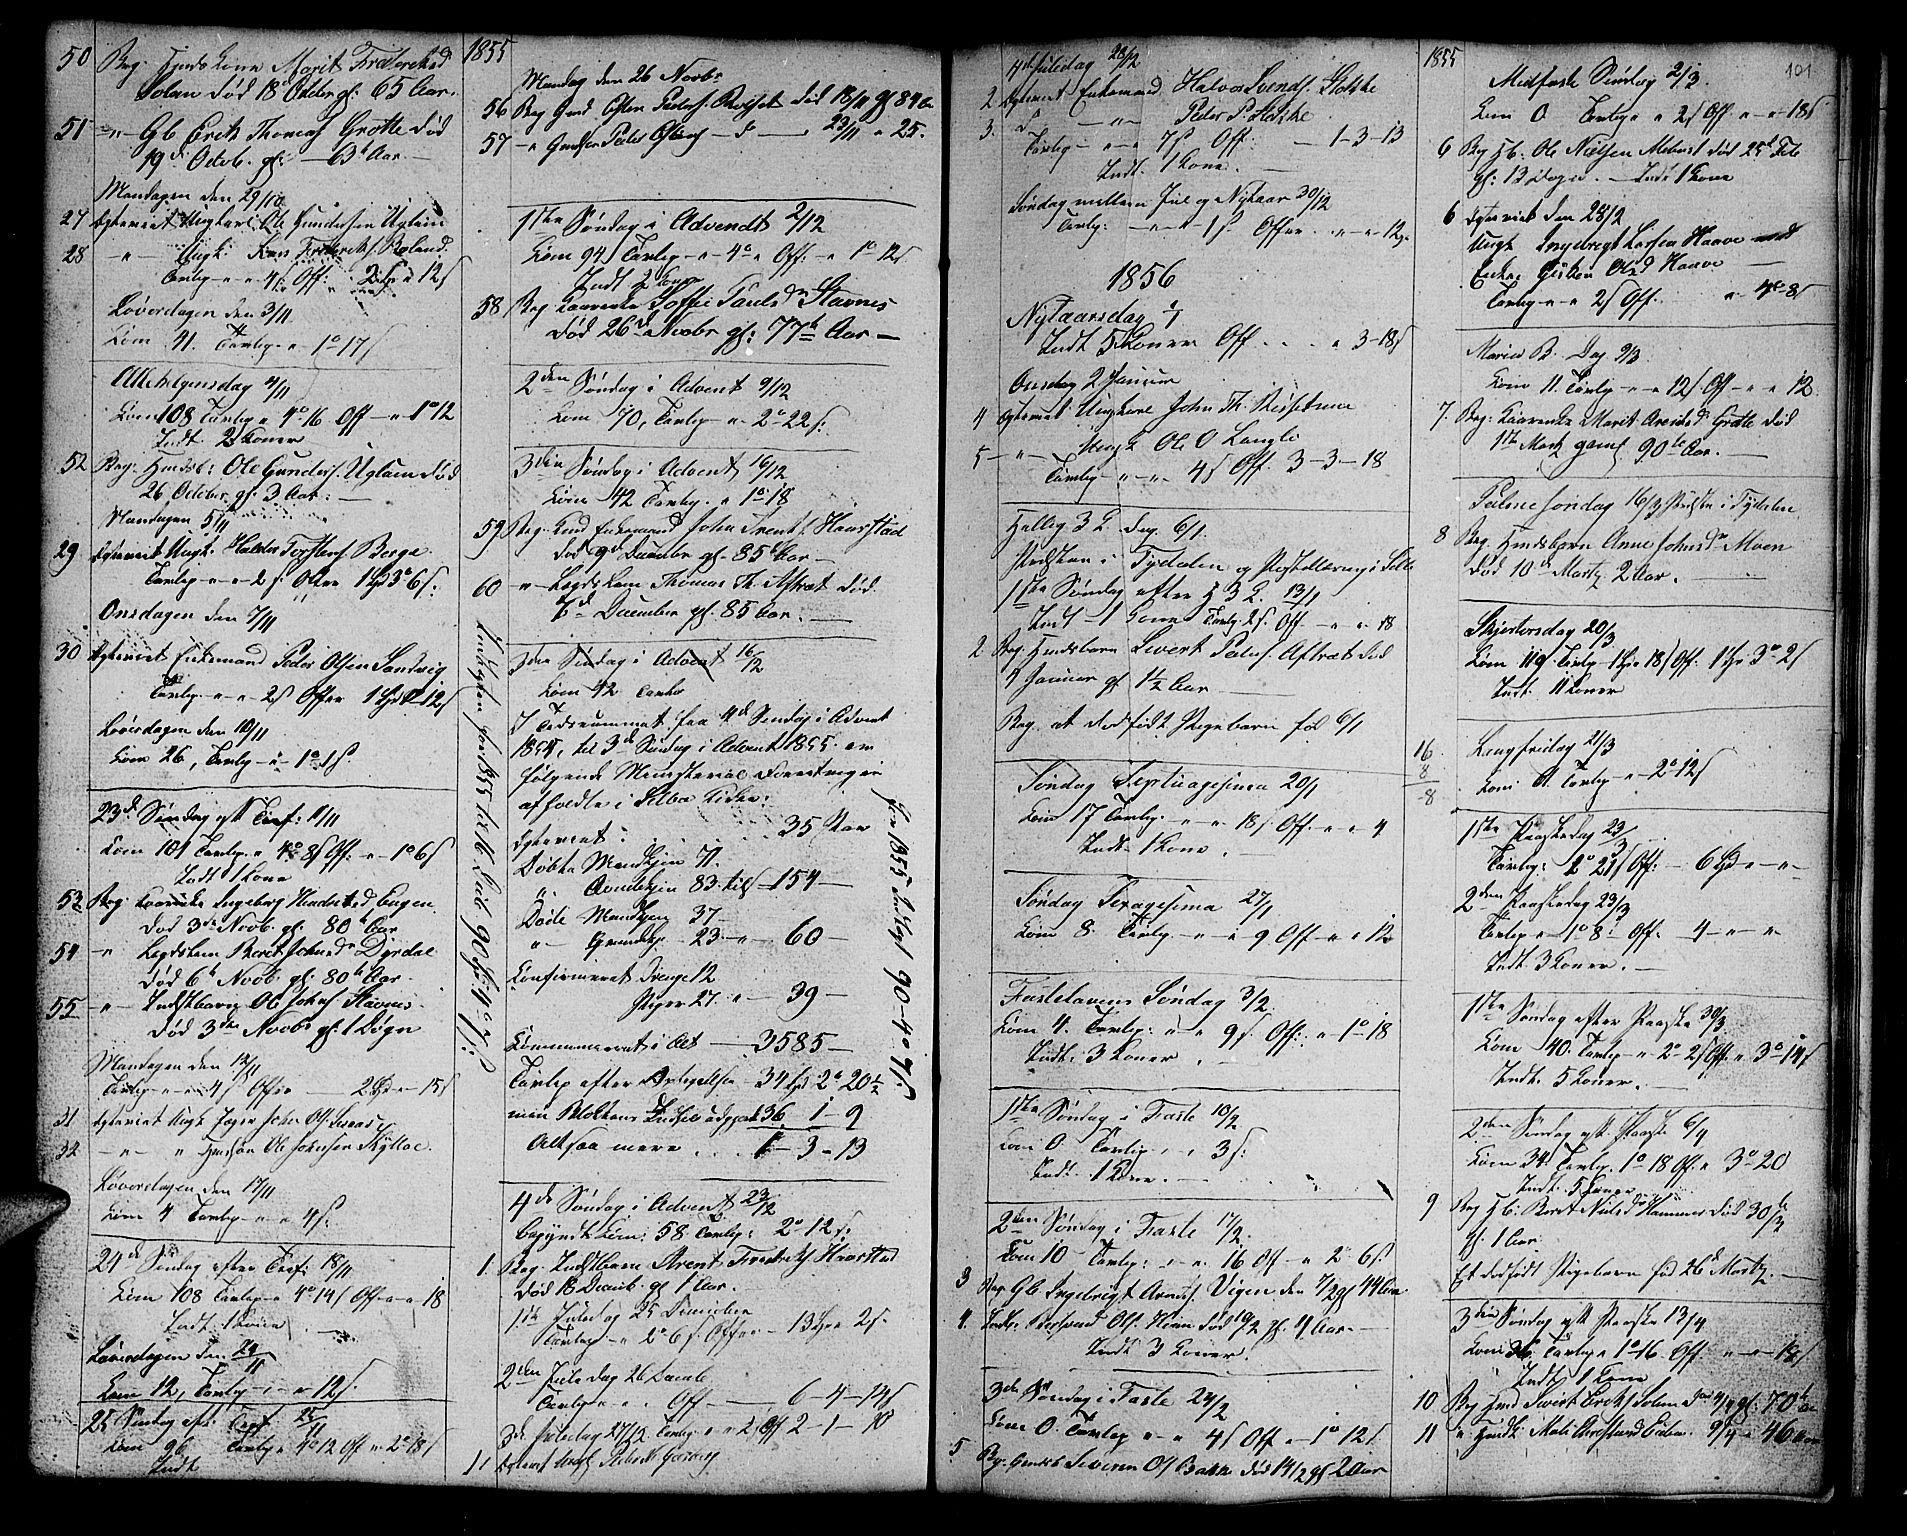 SAT, Ministerialprotokoller, klokkerbøker og fødselsregistre - Sør-Trøndelag, 695/L1154: Klokkerbok nr. 695C05, 1842-1858, s. 101